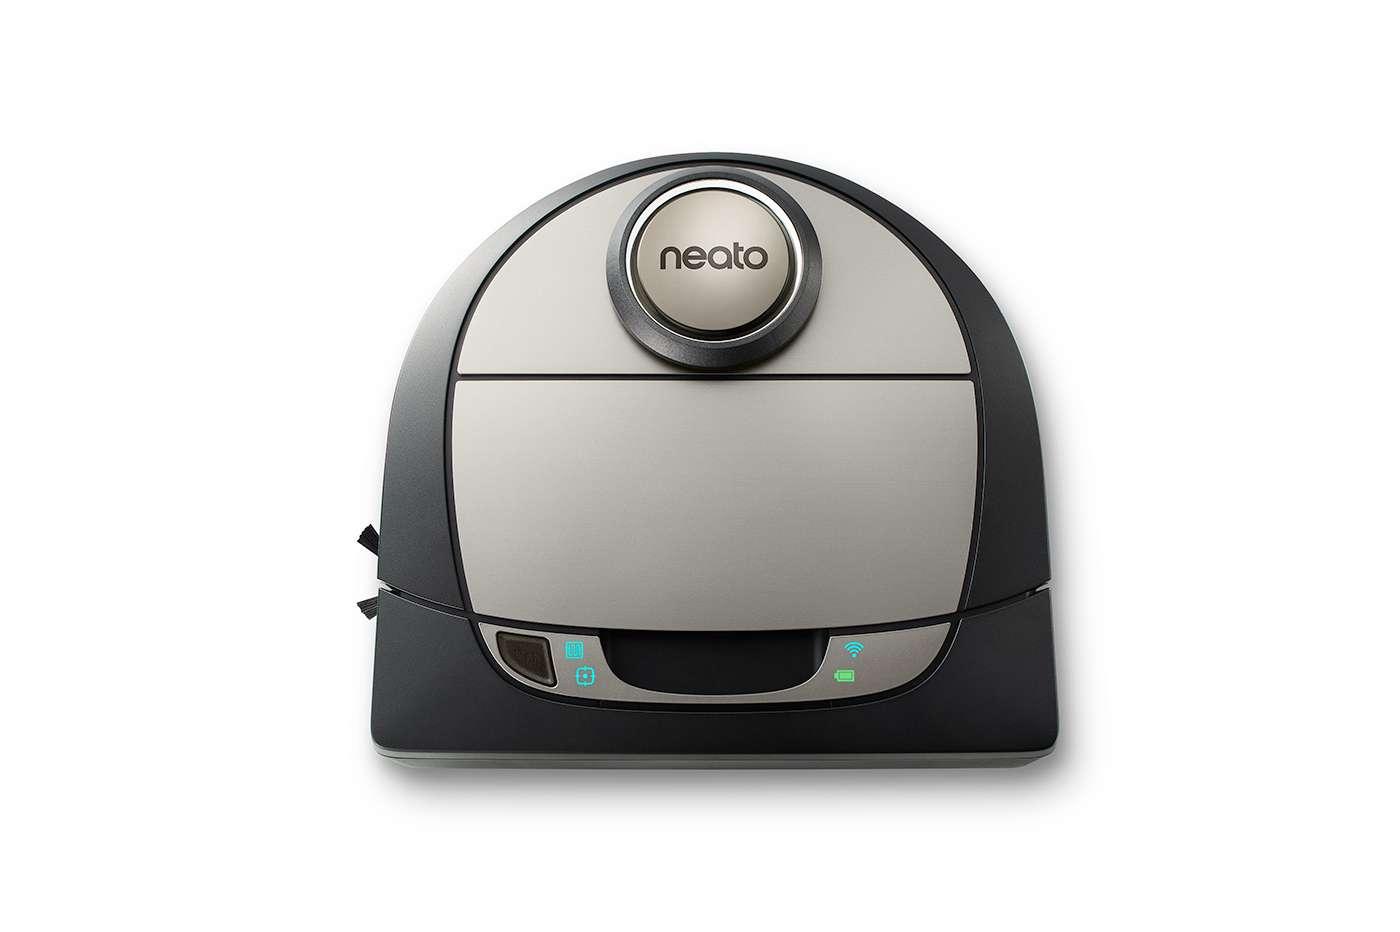 Profitez d'une réduction exceptionnelle sur l'aspirateur robot Neato D750 © Amazon